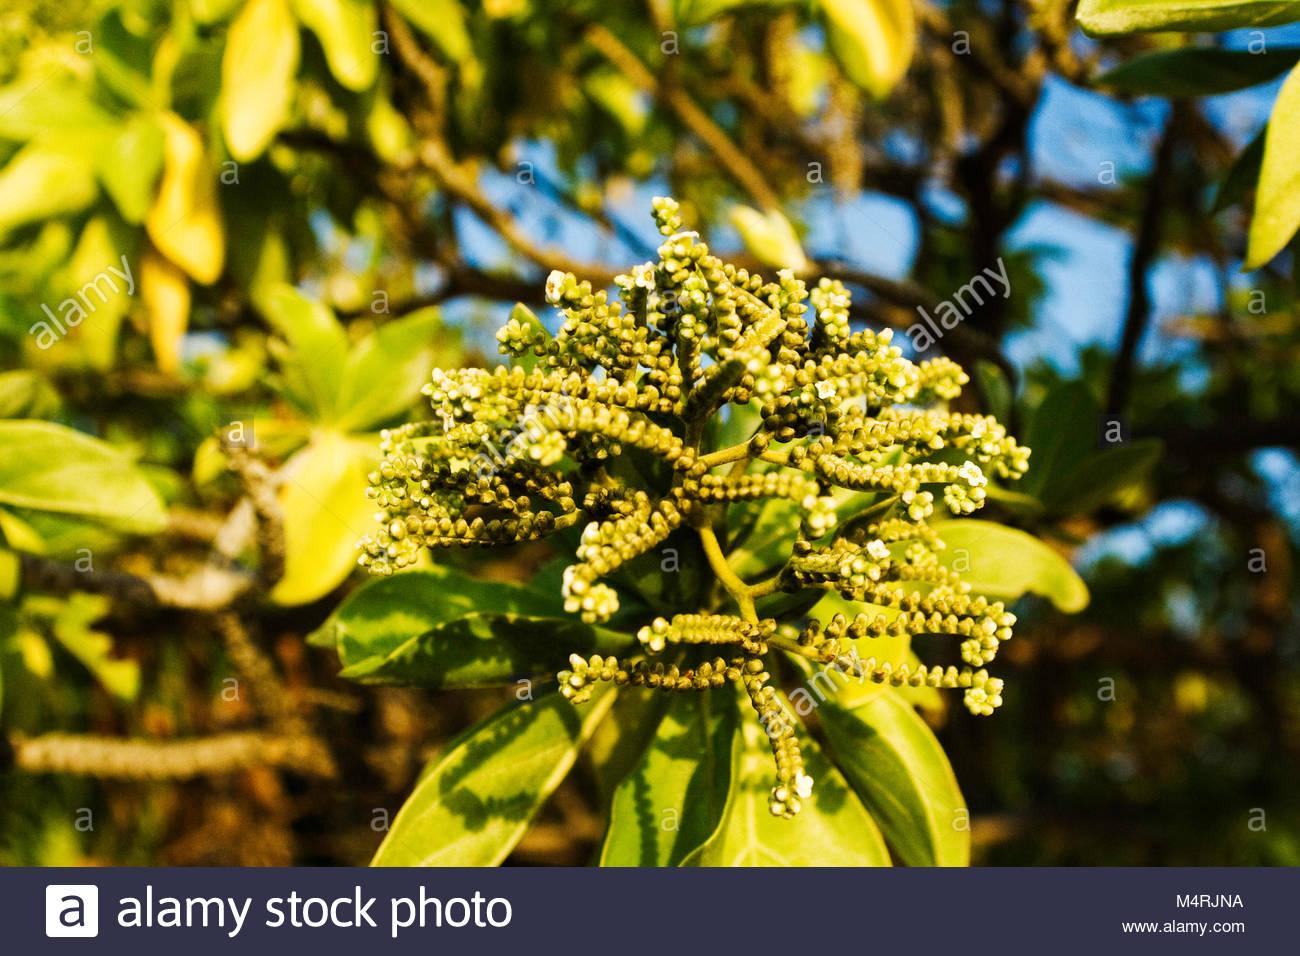 Tropical flower in Kiribati republic - Stock Image